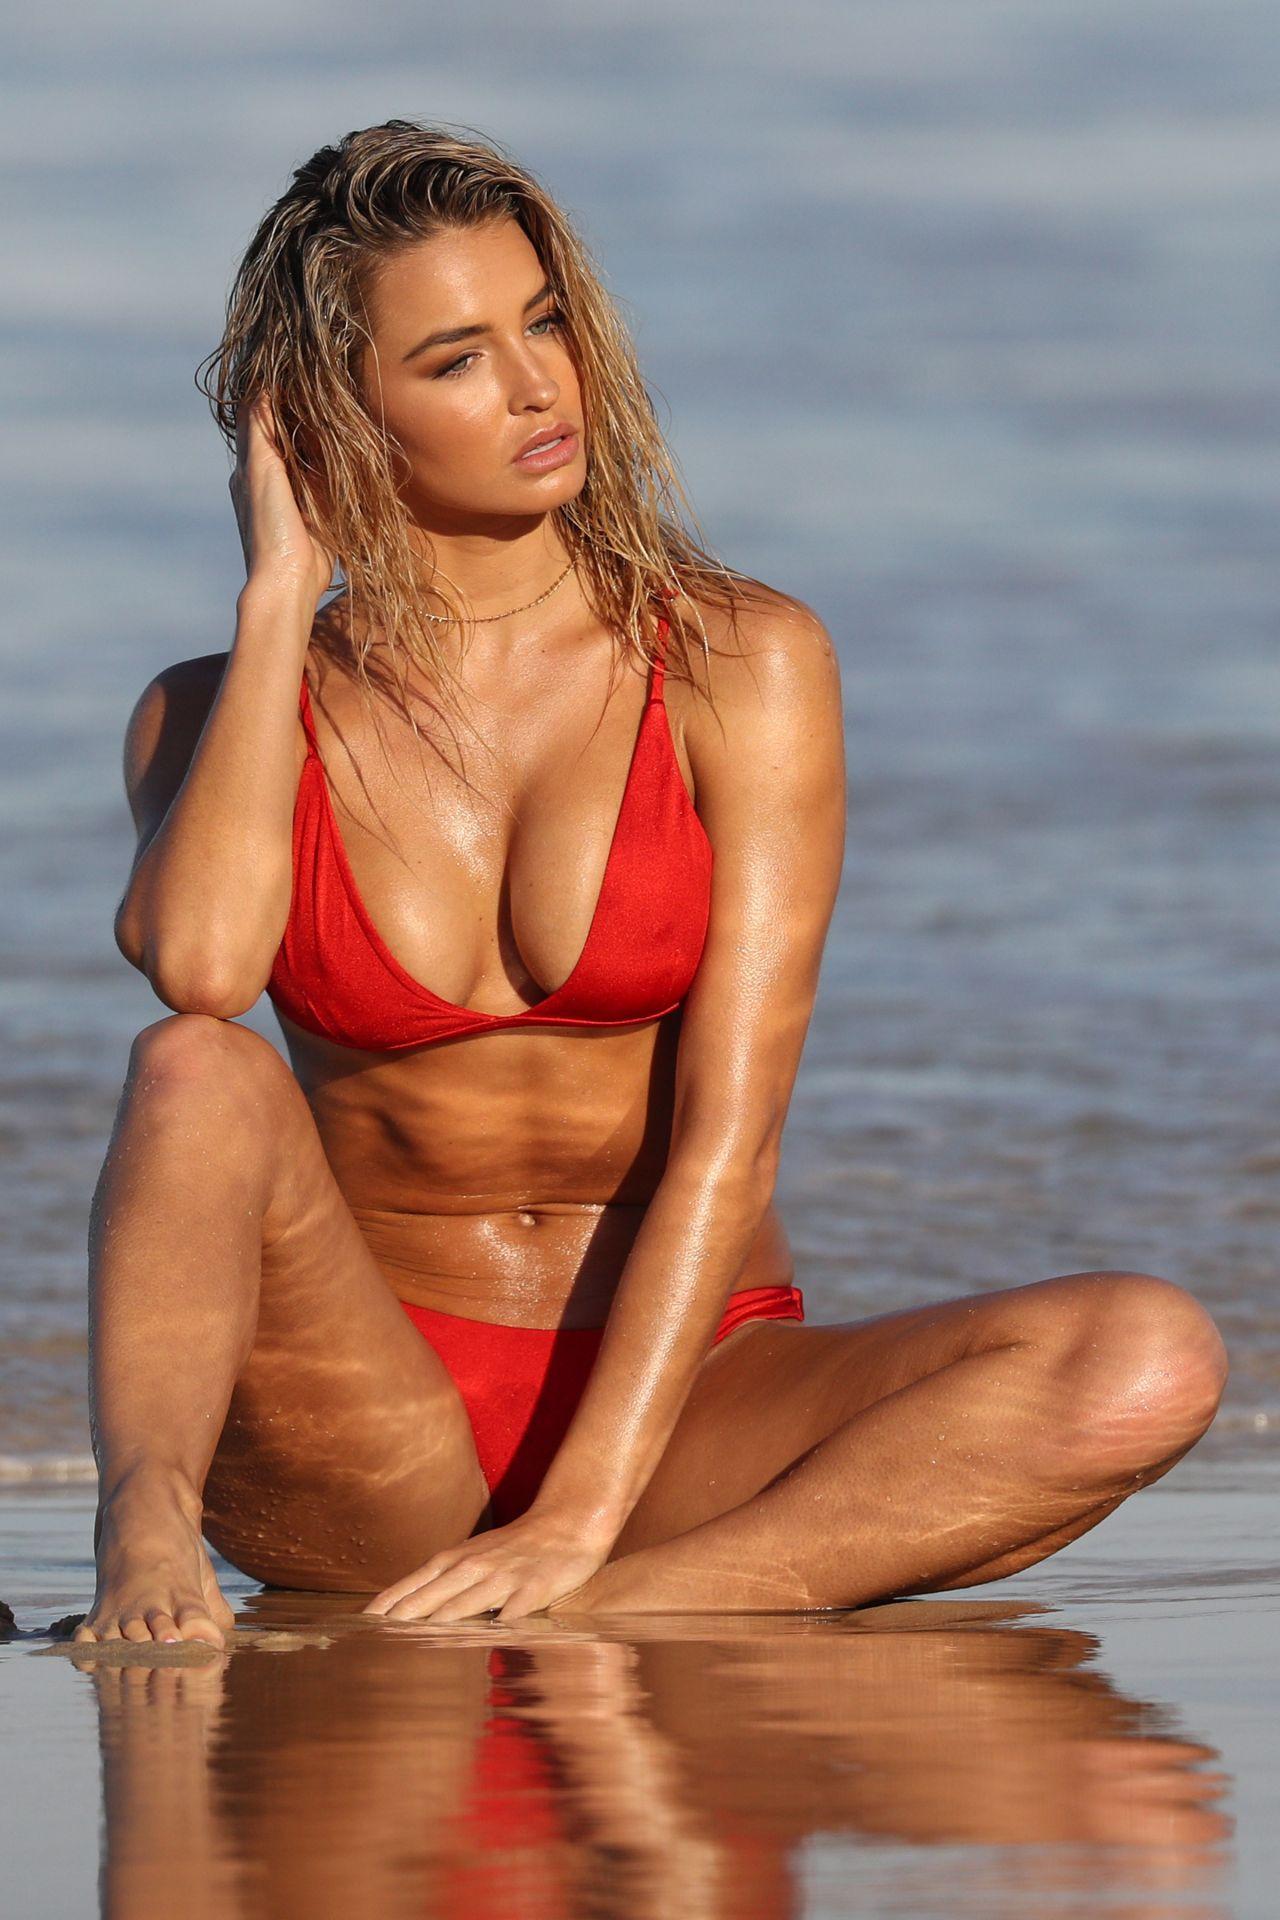 Hot Paparazzi Madison Edwards naked photo 2017